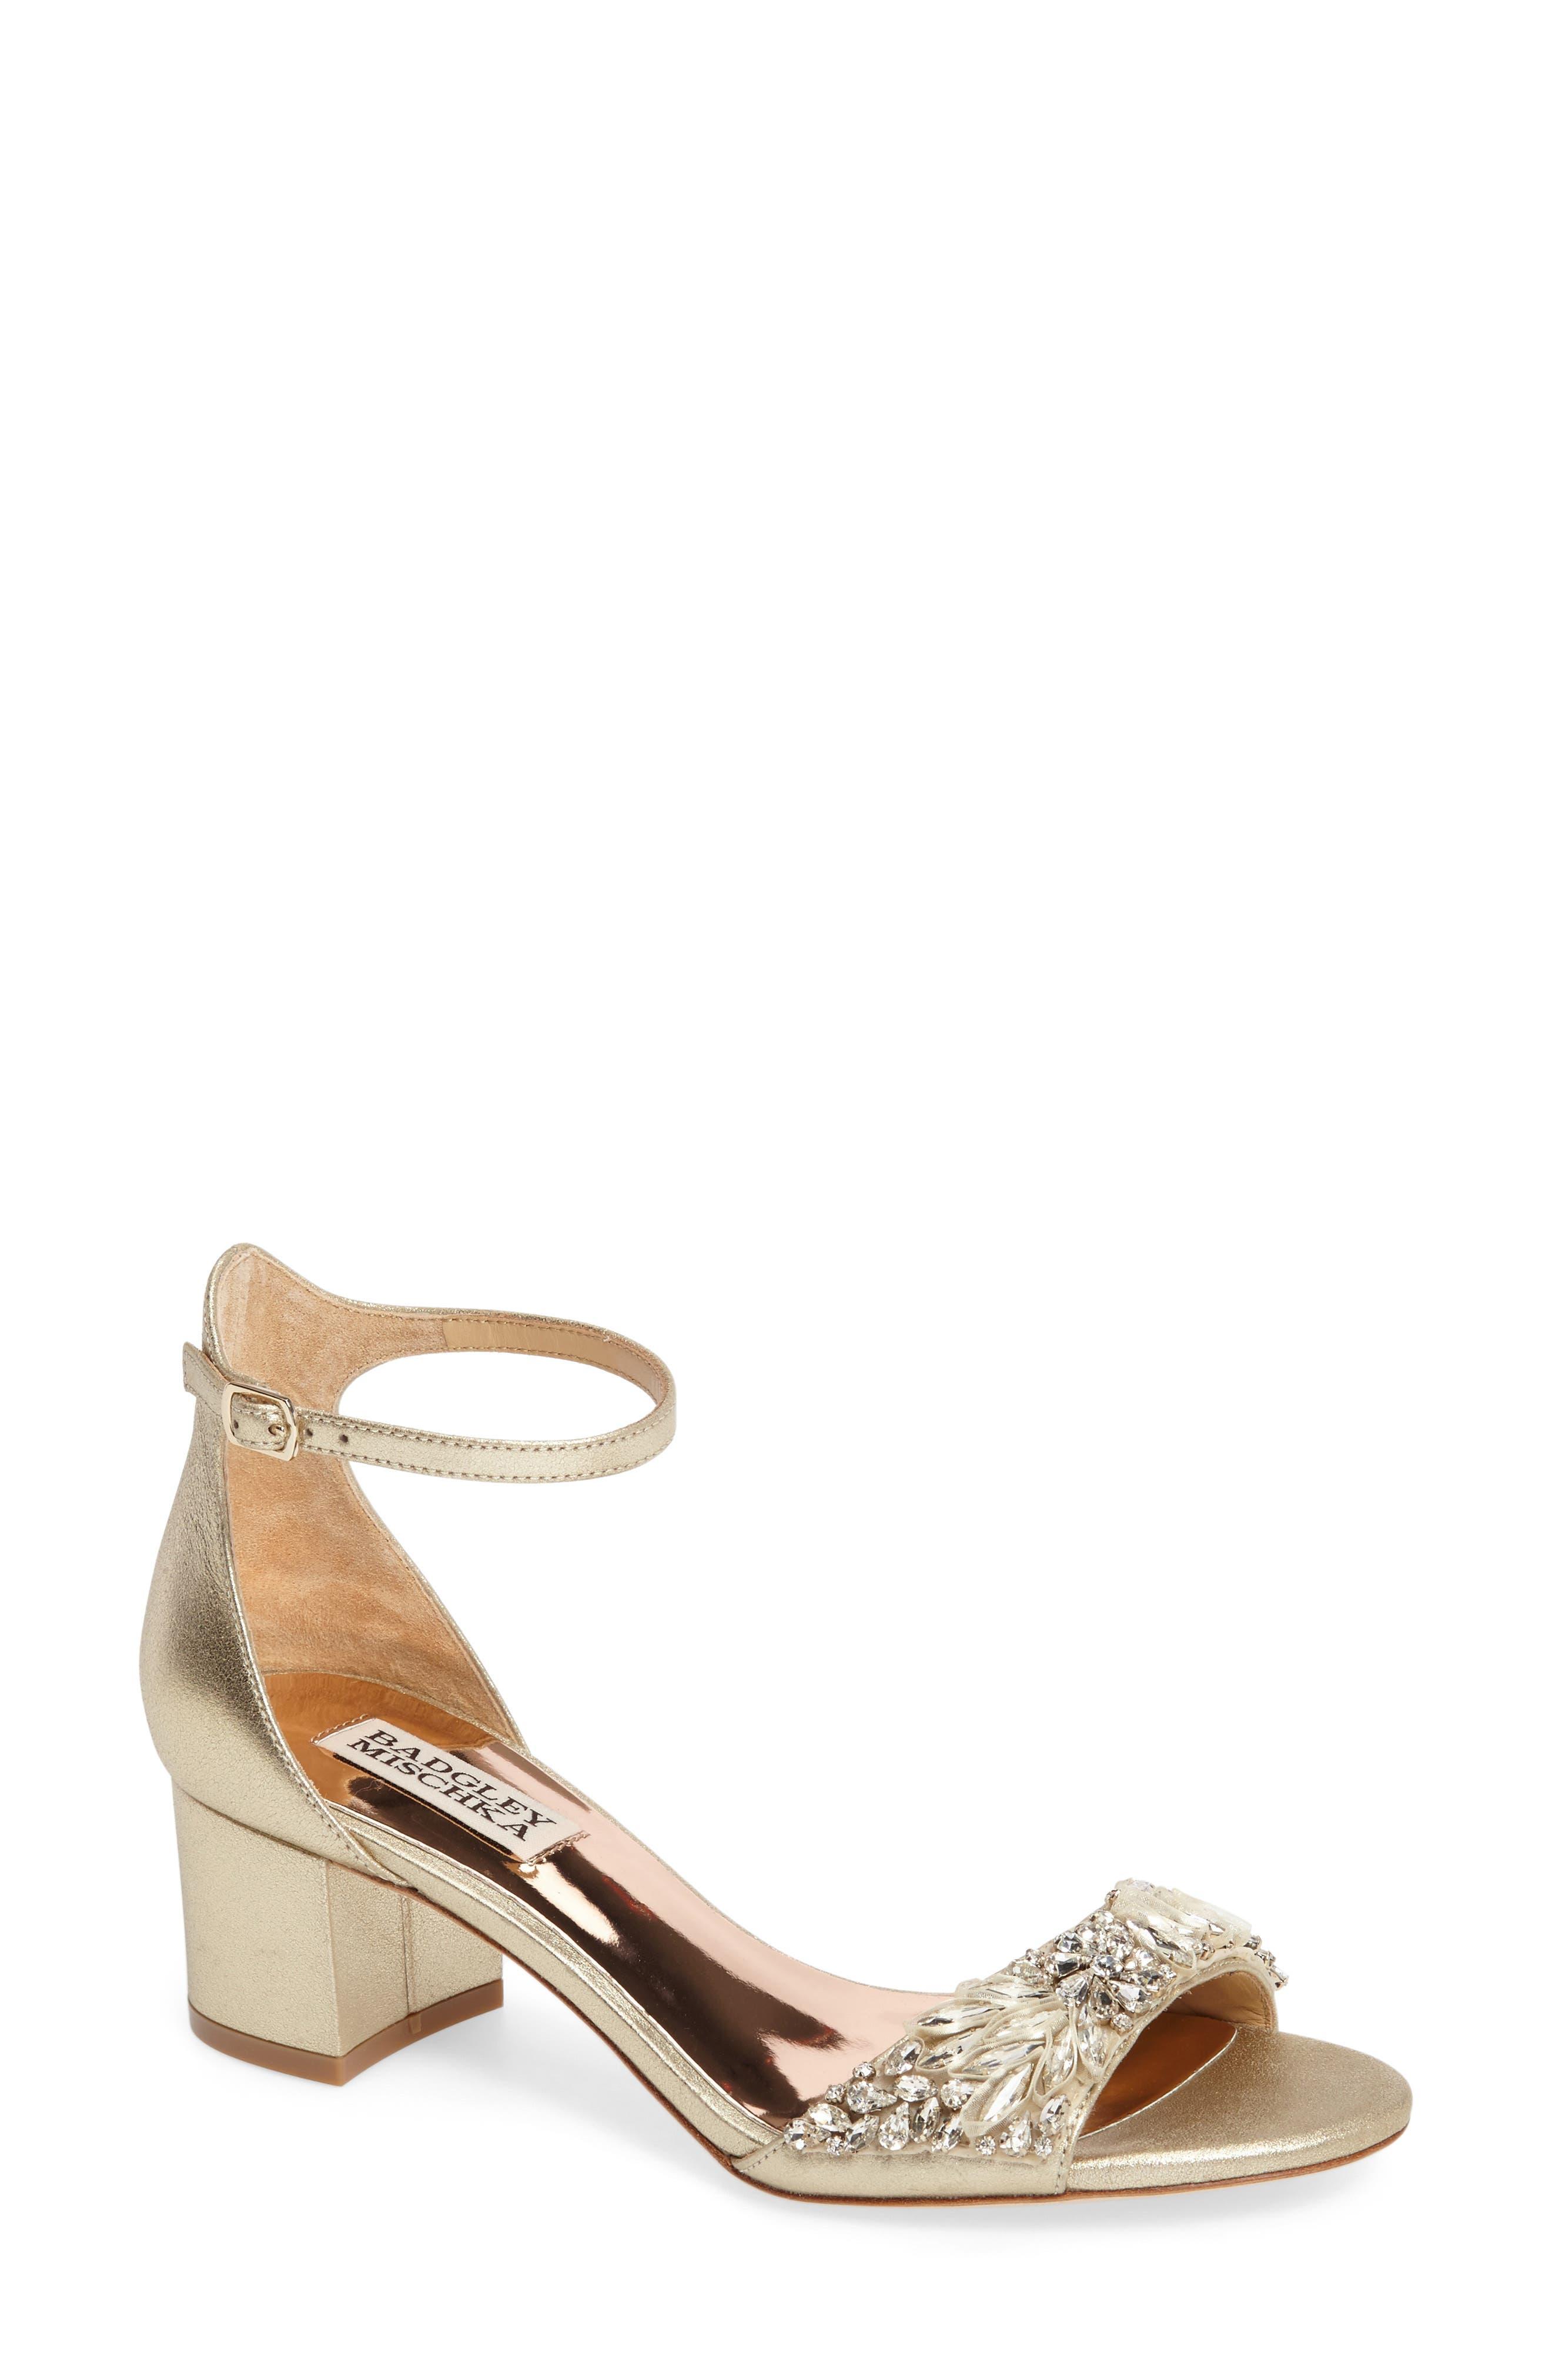 Badgley Mischka Tamara Crystal Block Heel Sandal (Women)